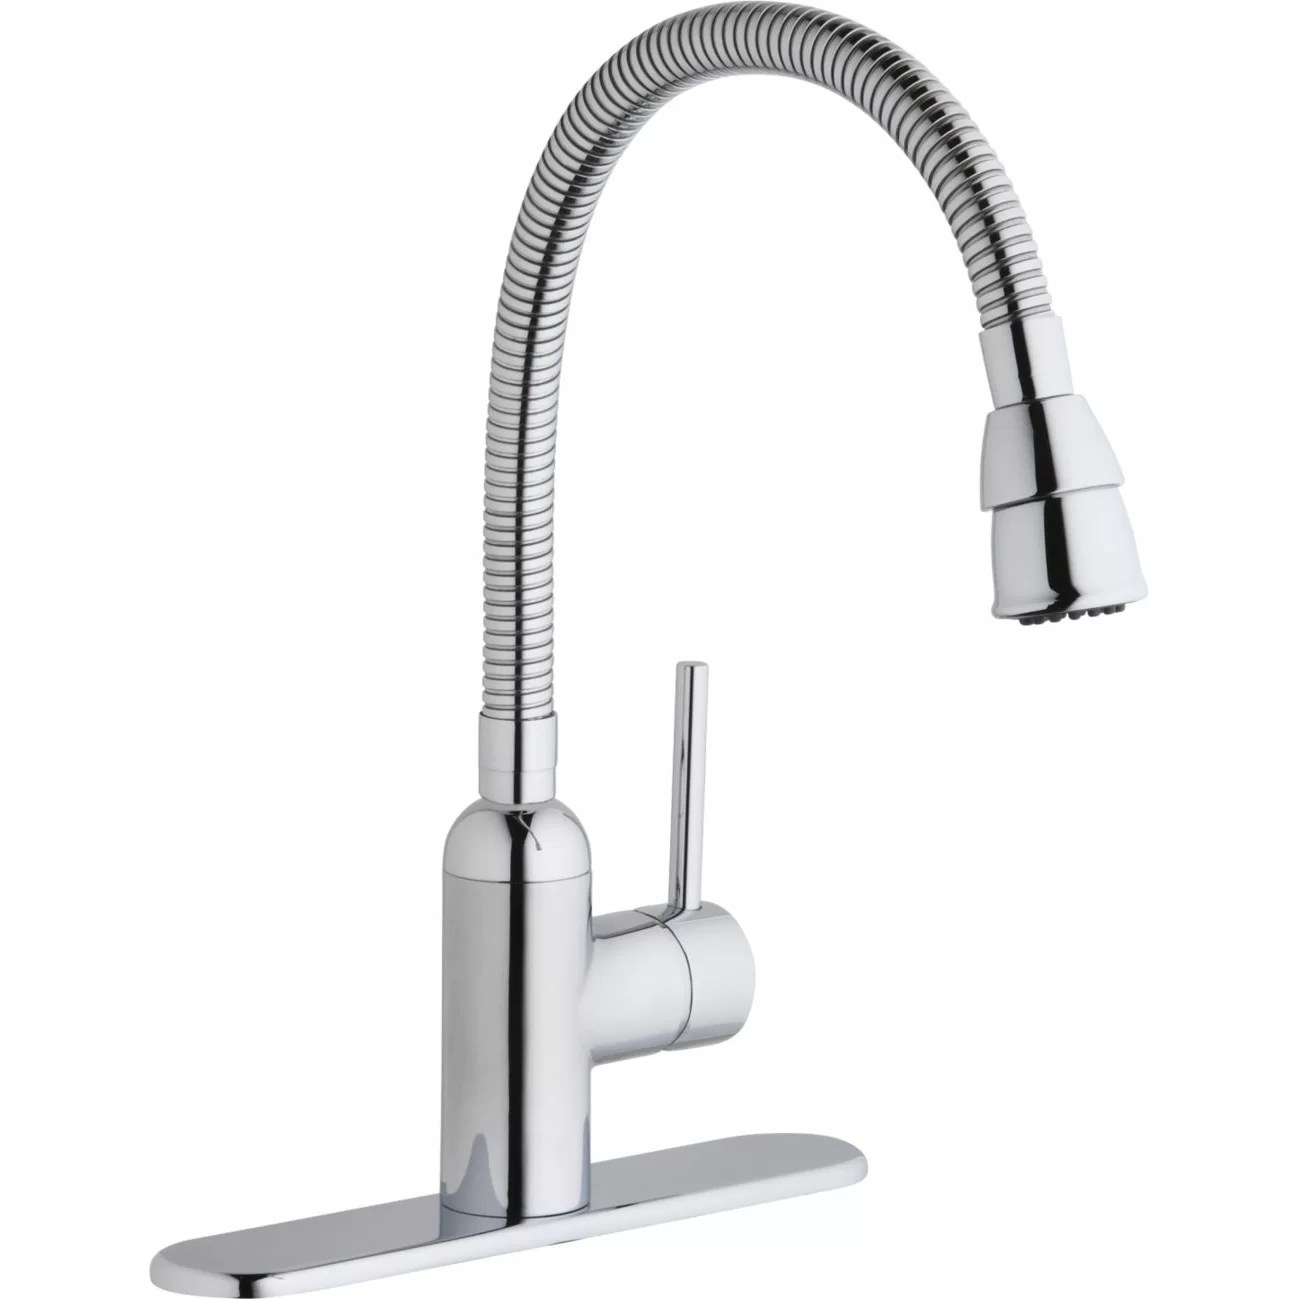 Elkay Pursuit Single Hole Laundry Faucet Amp Reviews